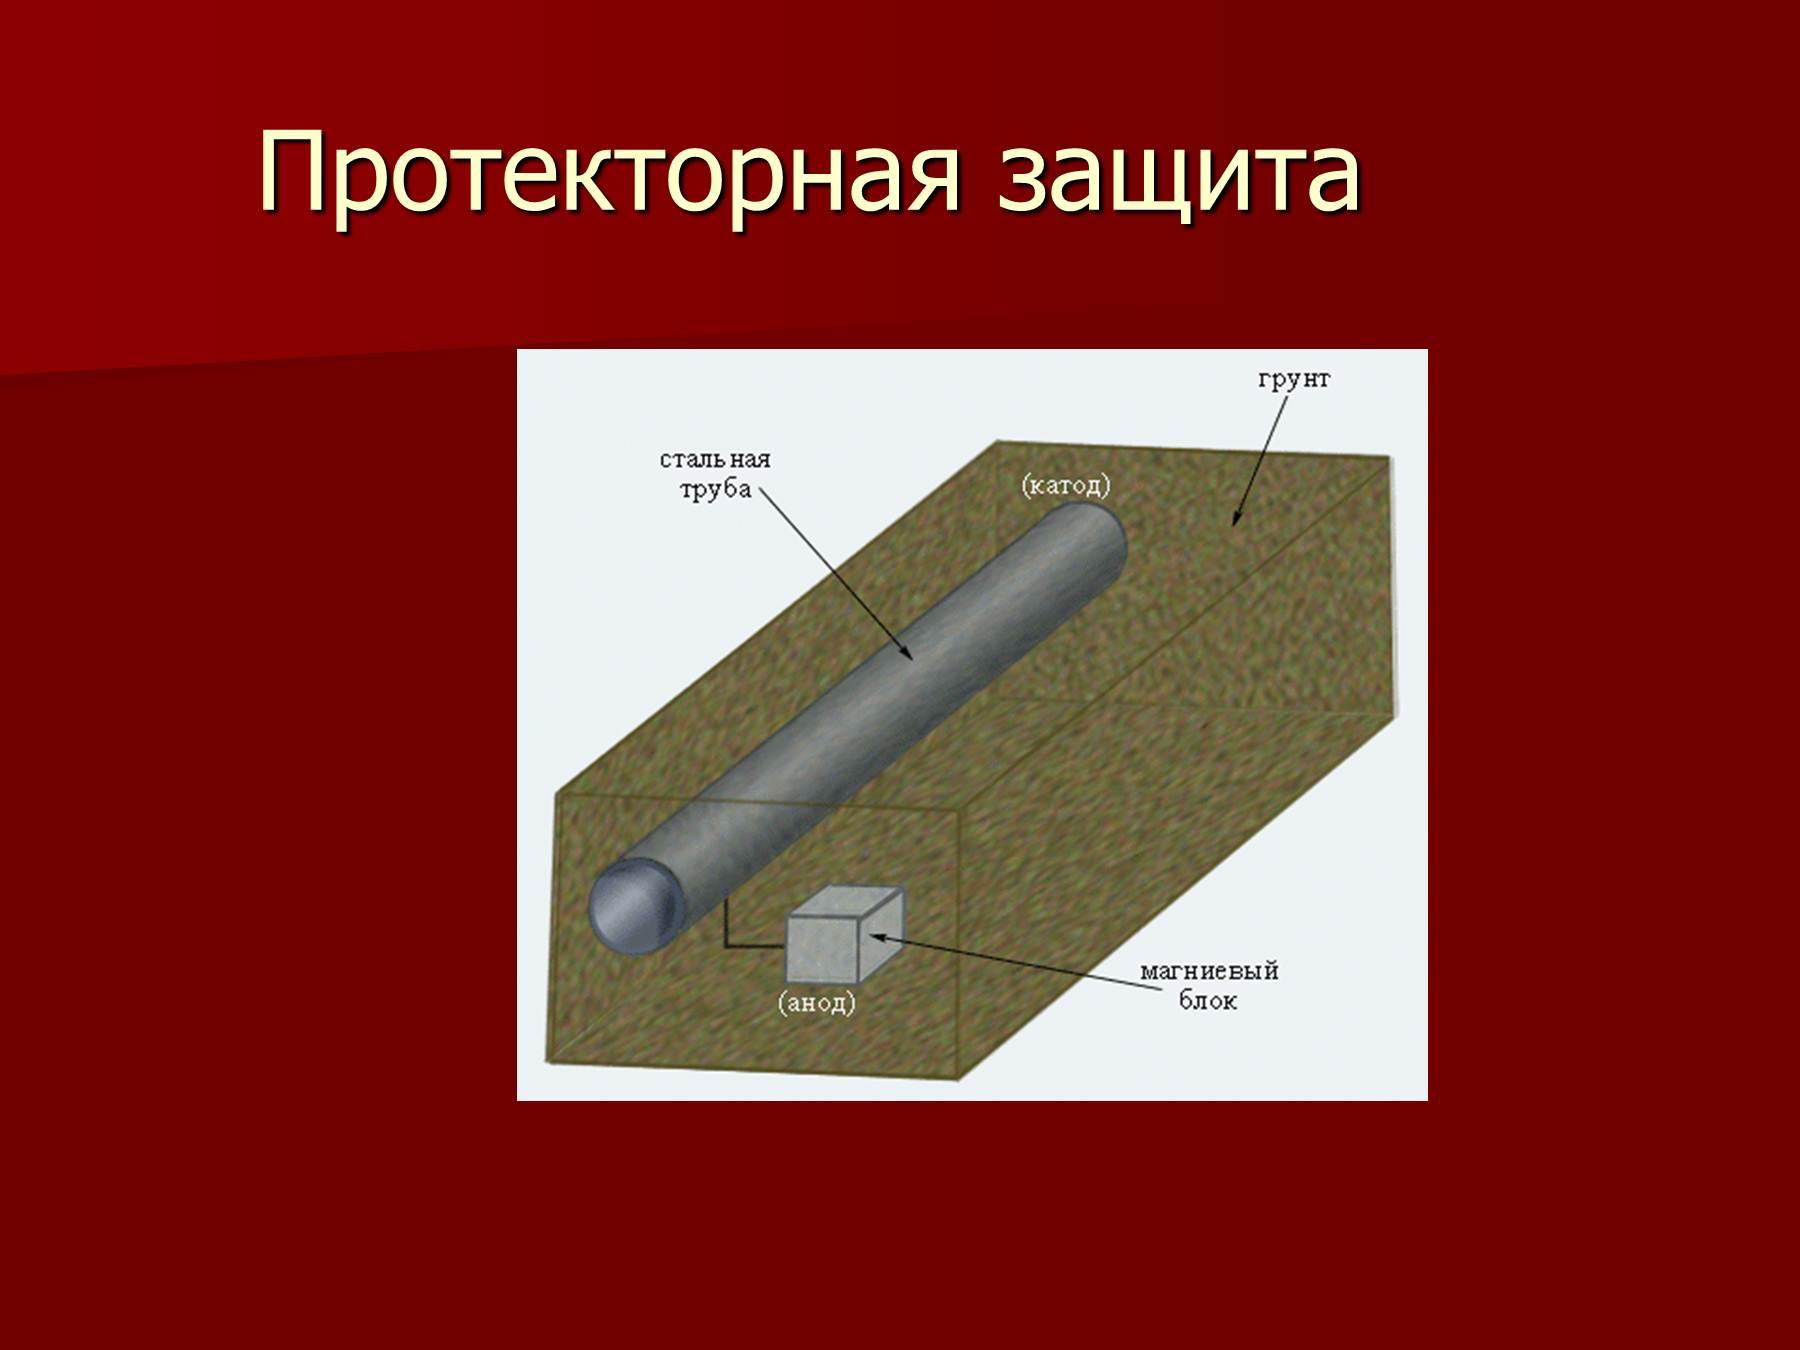 Составить схему коррозионного элемента с нарушенным покрытием